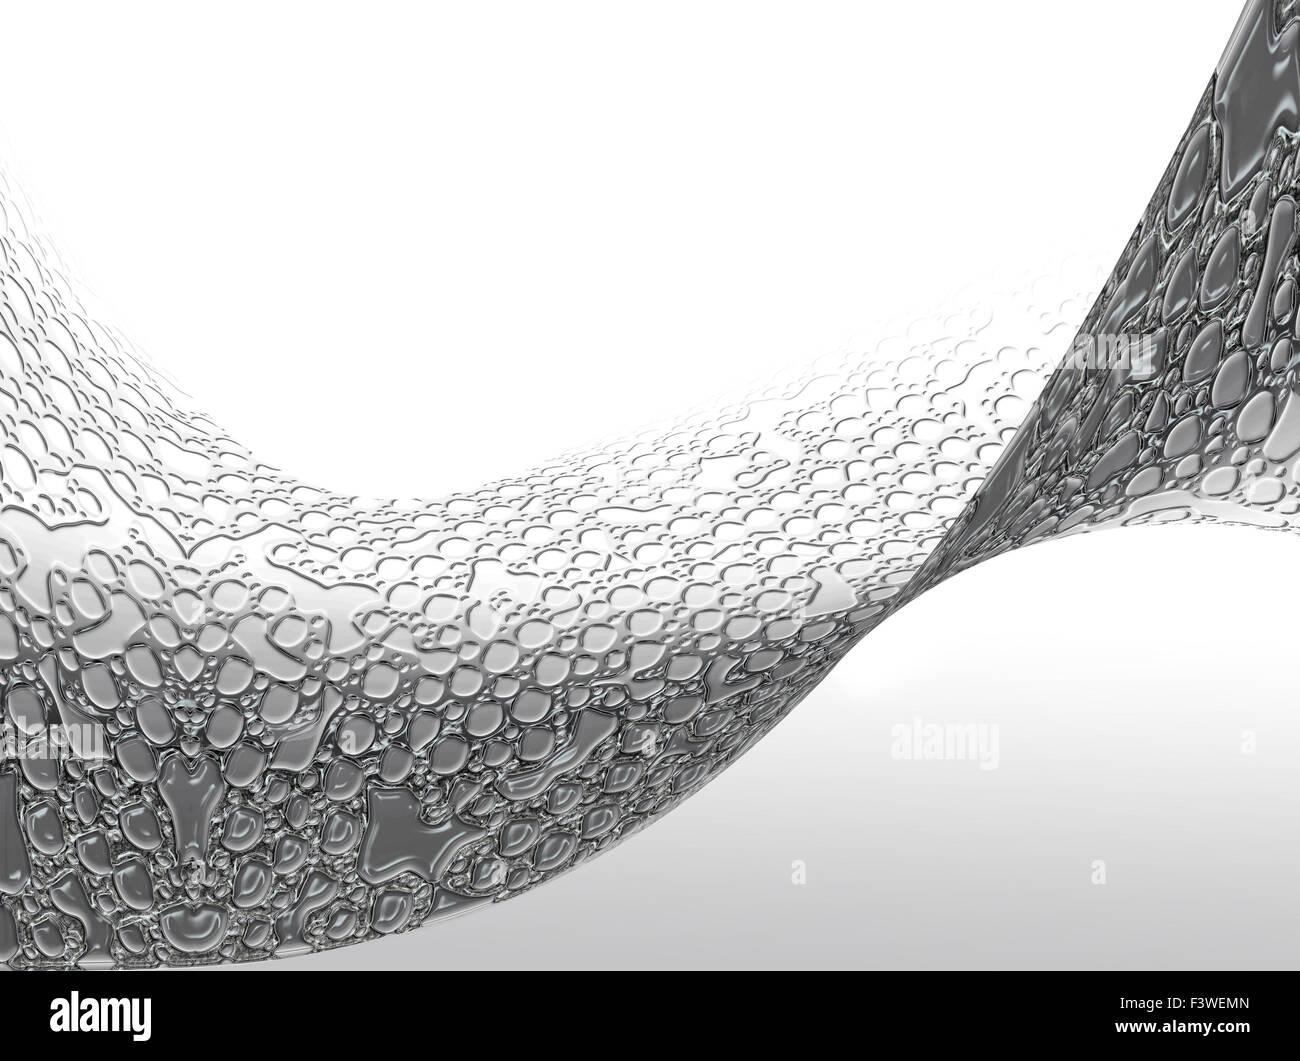 Dynamic sfondo ondulato Immagini Stock